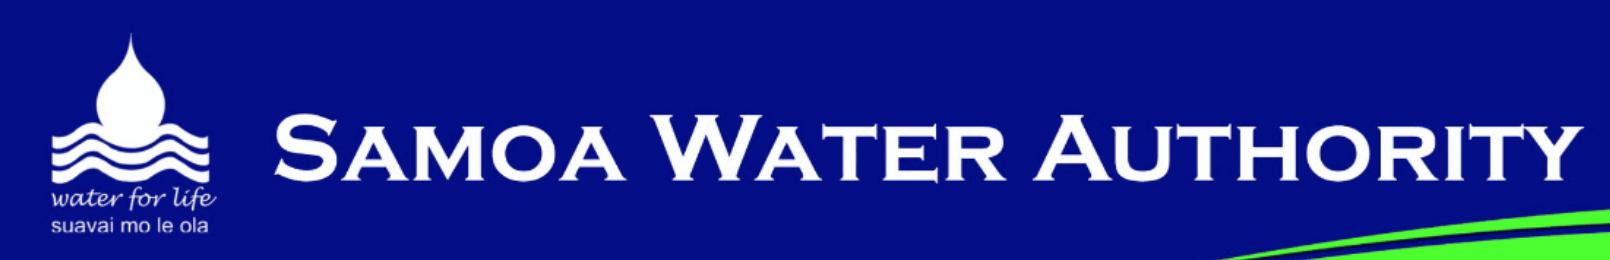 logo-samoa-water